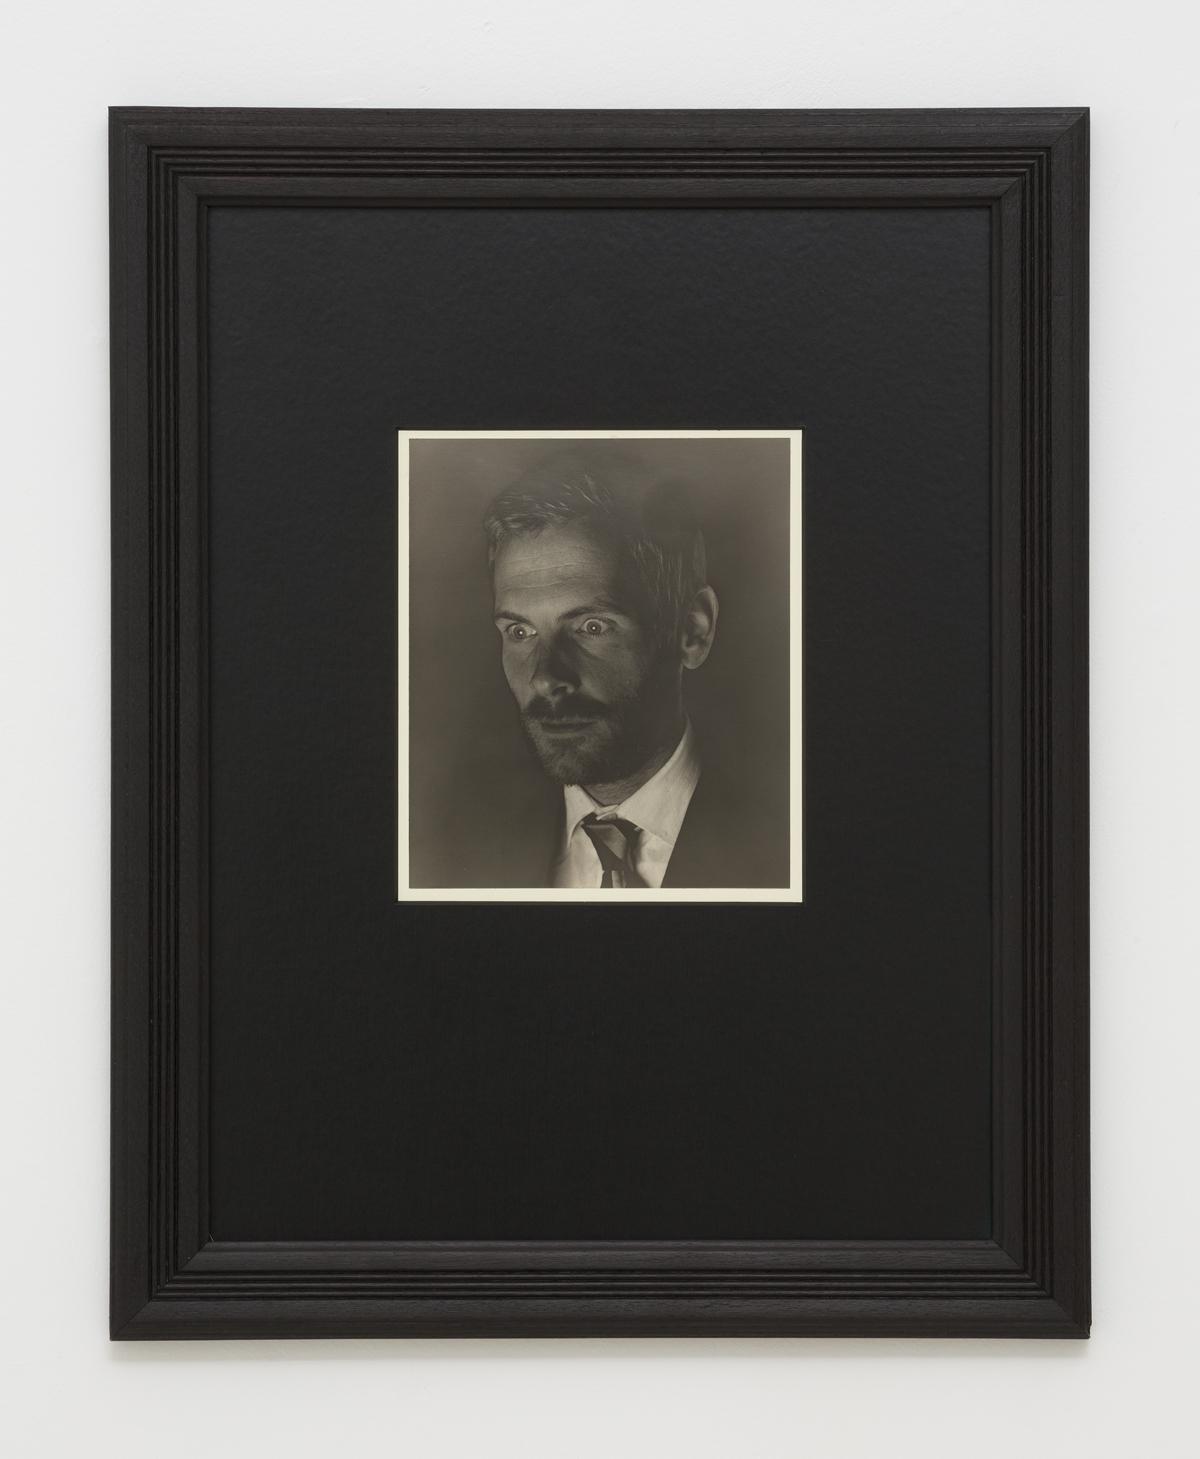 Simon Kennedy, The Noo,Artist, Gallery 9